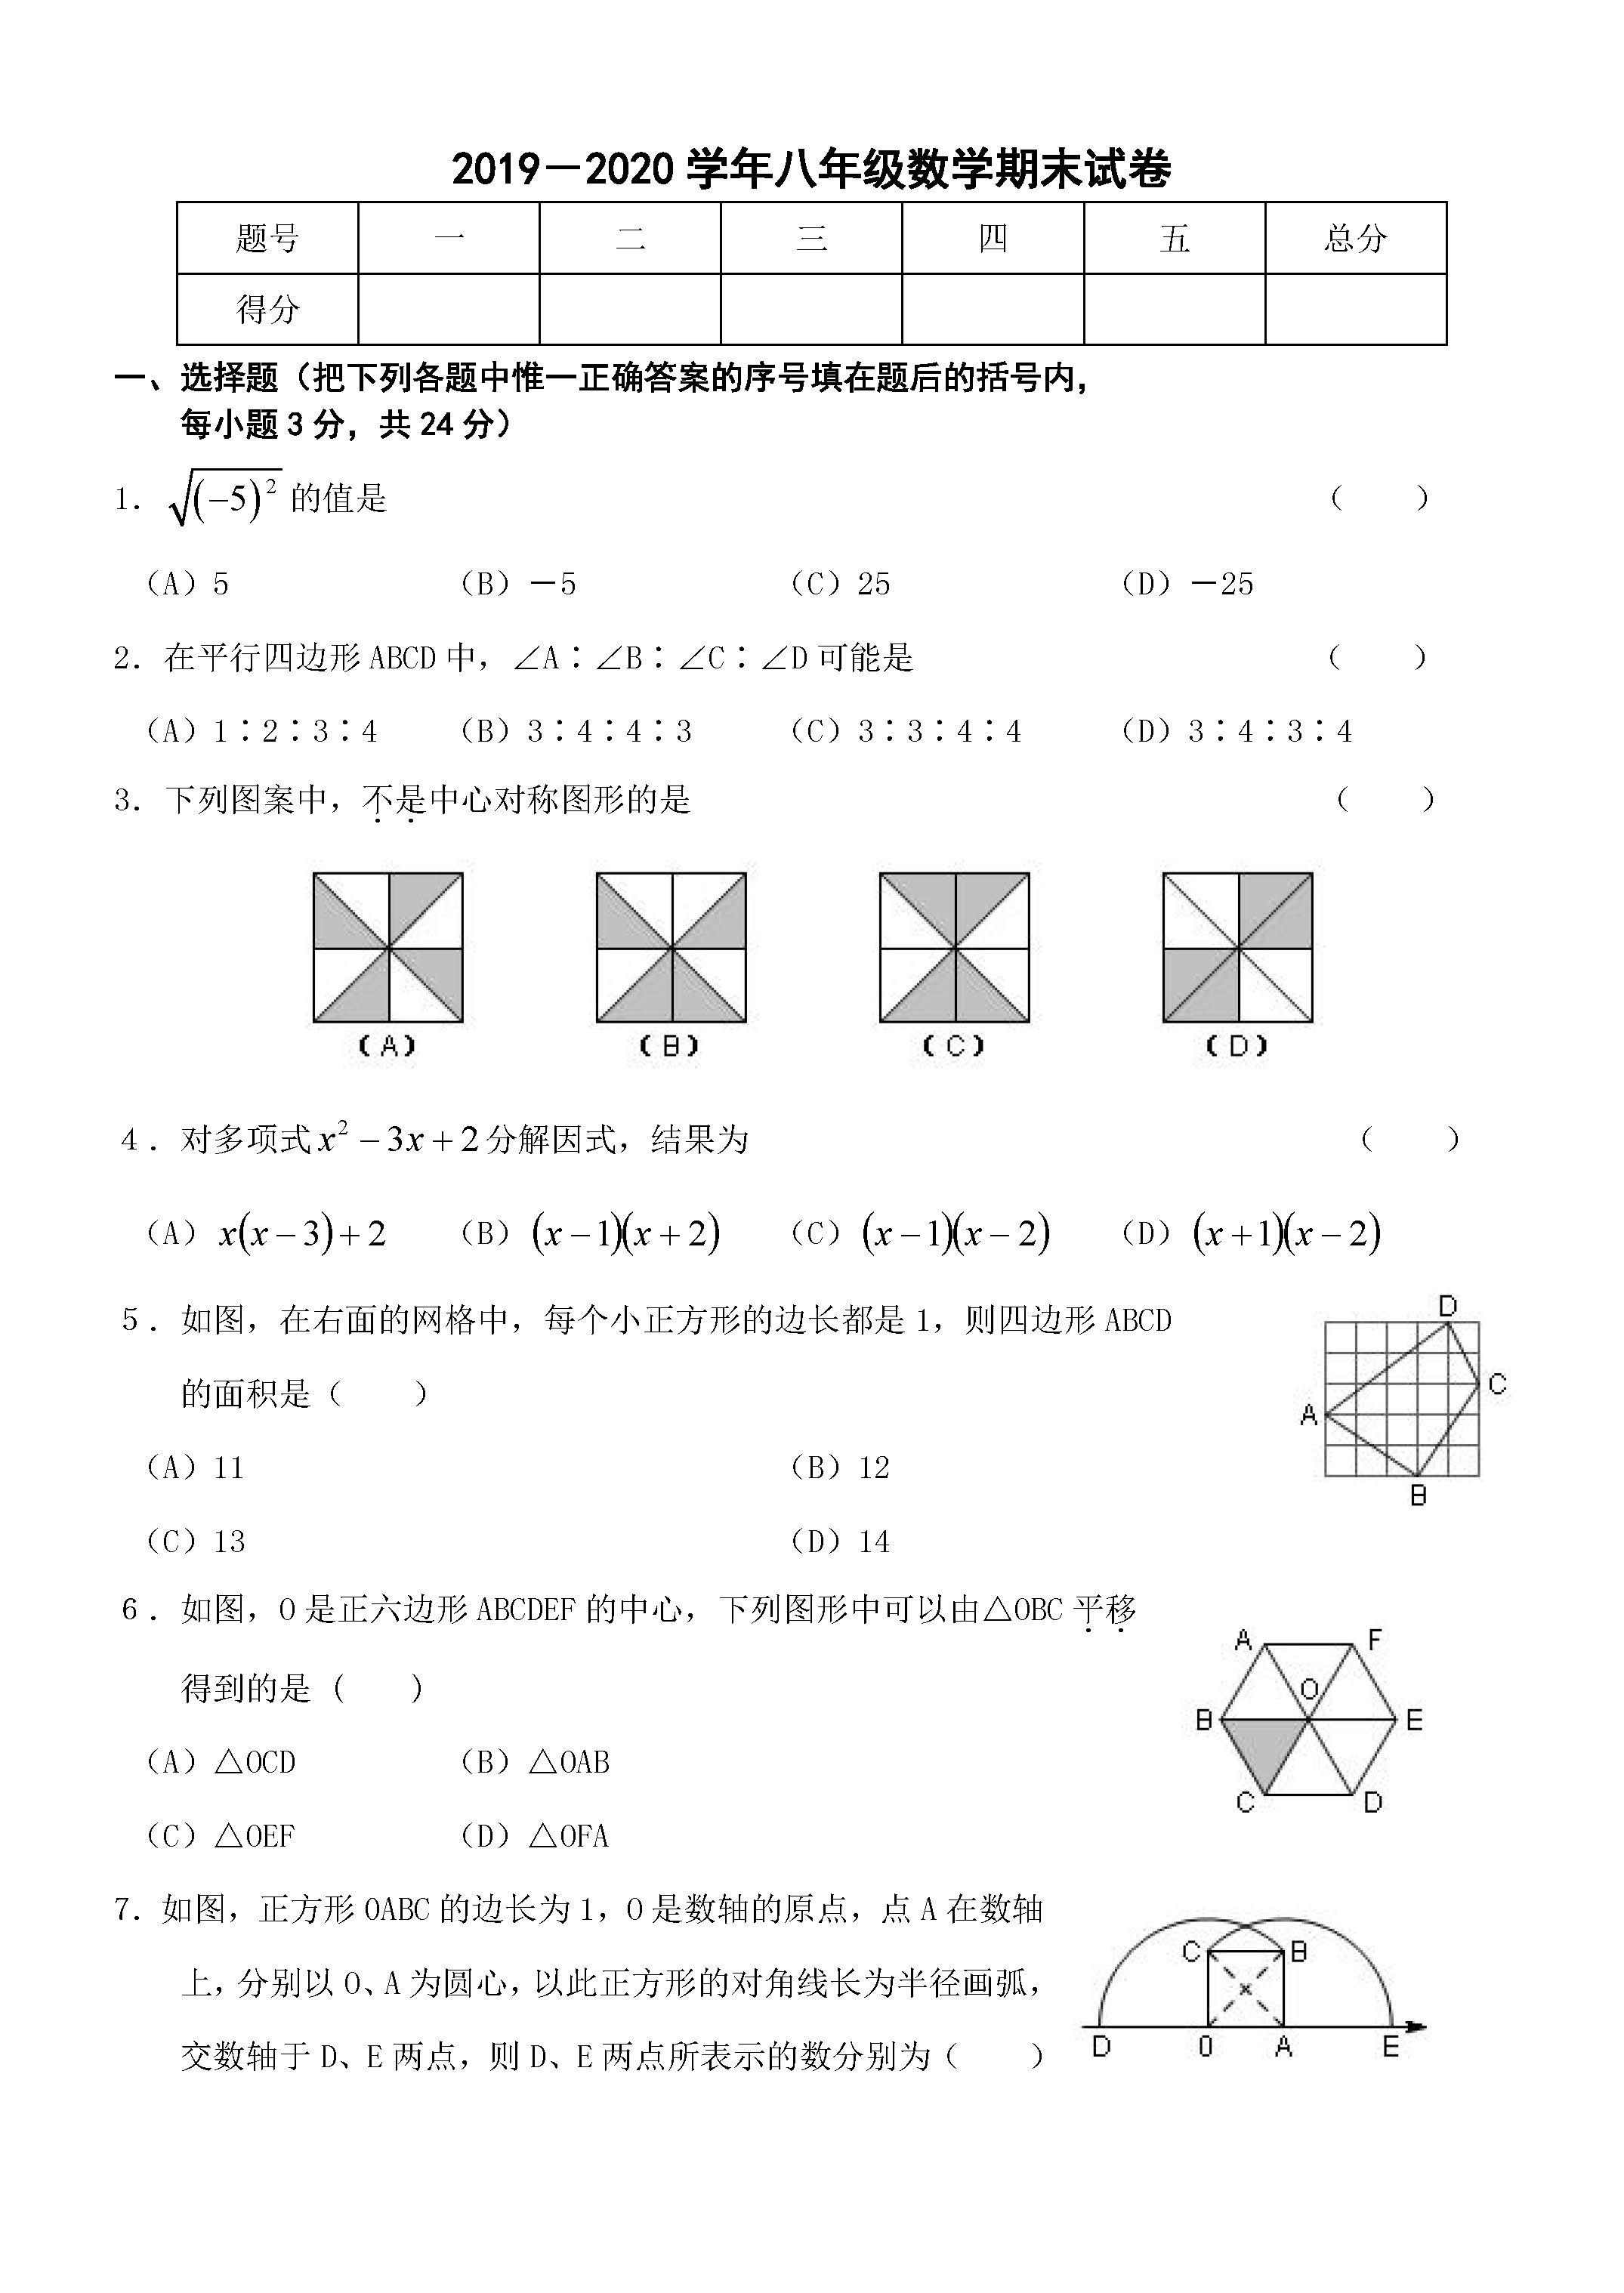 2019-2020吉林长春初二数学上期末试题含答案